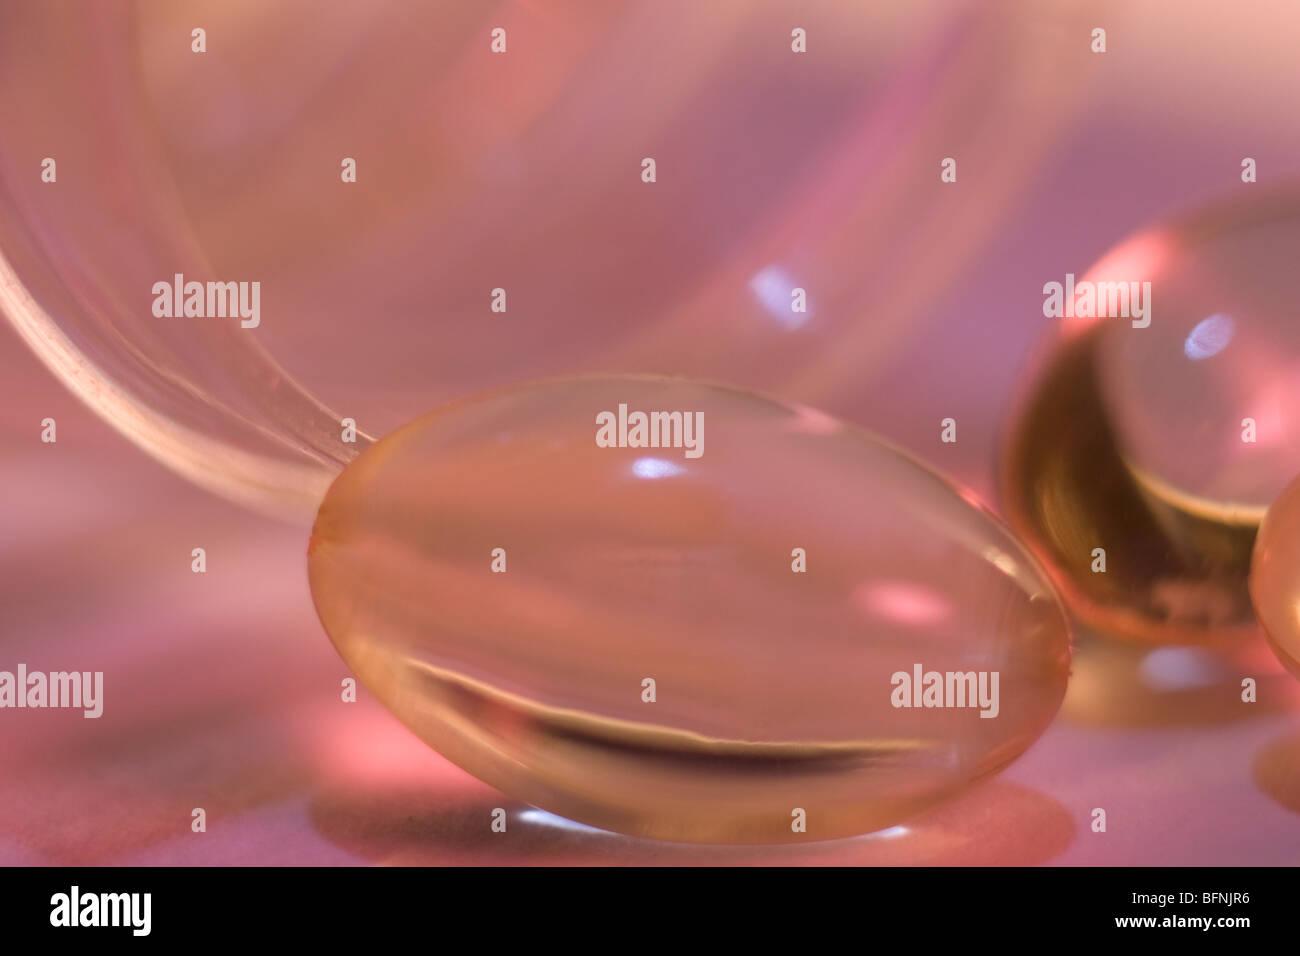 Pille-Kapsel Stockbild